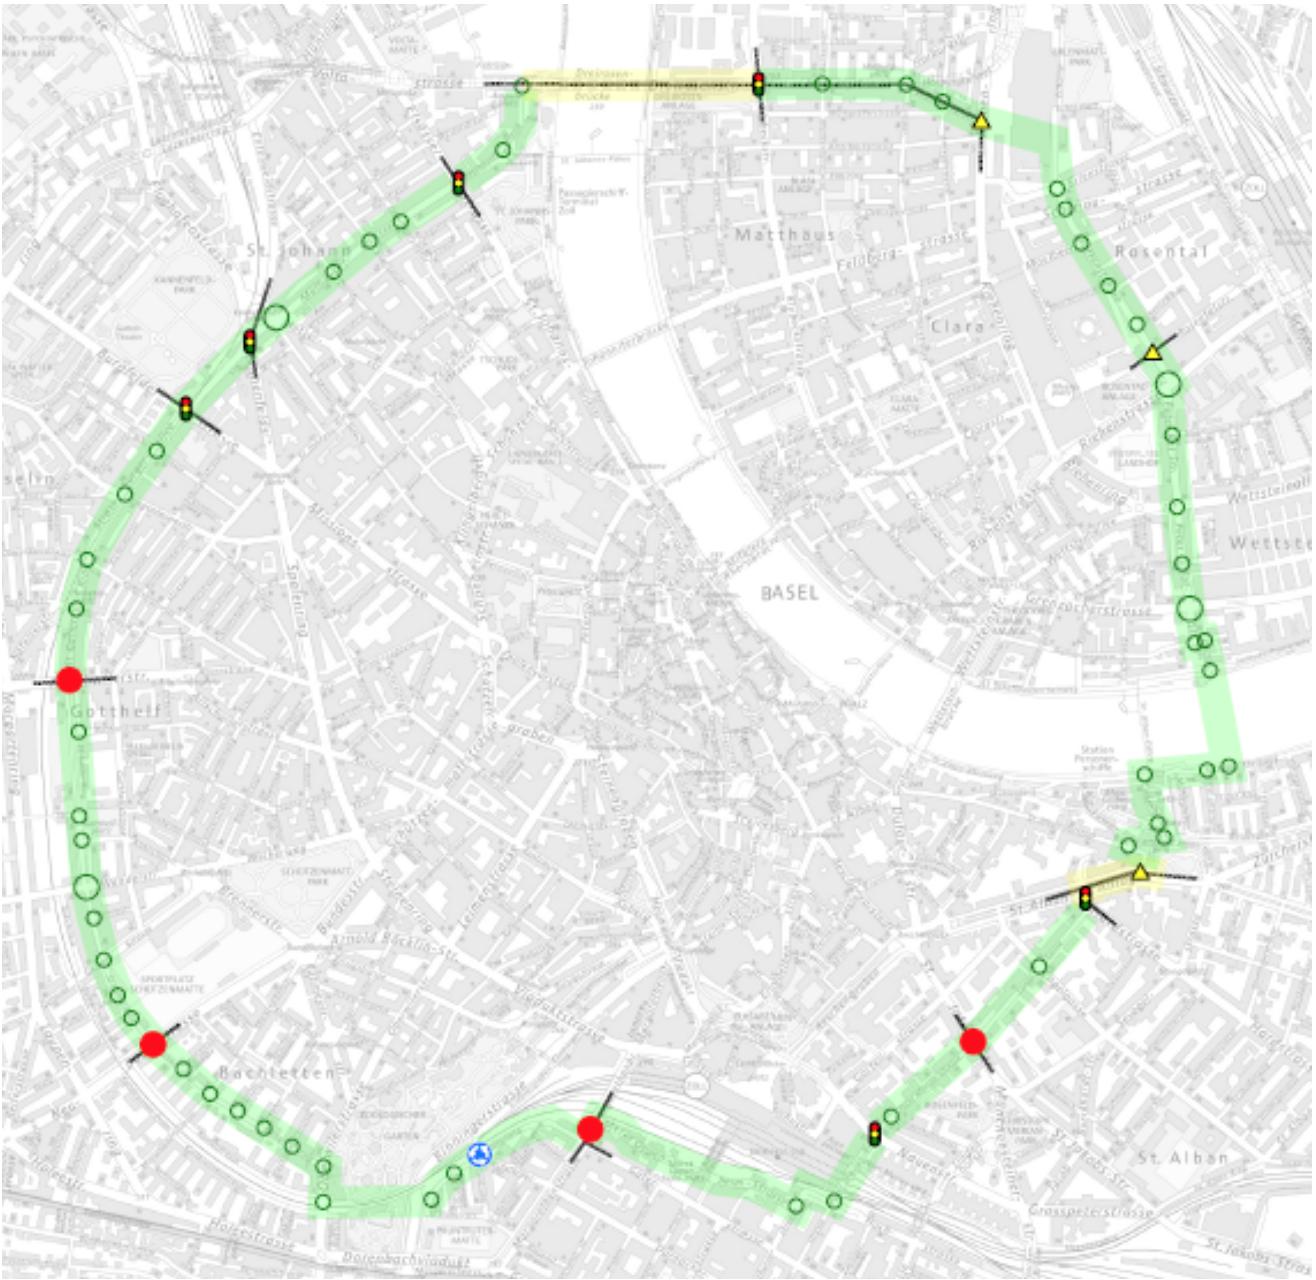 Die Karte zeigt den erwünschten Verlauf des Velorings. Mit den grünen Kreisen sind geforderten Vortrittsregelungen für den Veloverkehr gekennzeichnet. Die roten Punkte deuten die Ausnahmen davon an. Und mit den Querstrichen sind die Tramachsen gekennzeichnet, die sich mit dem Veloring kreuzen.